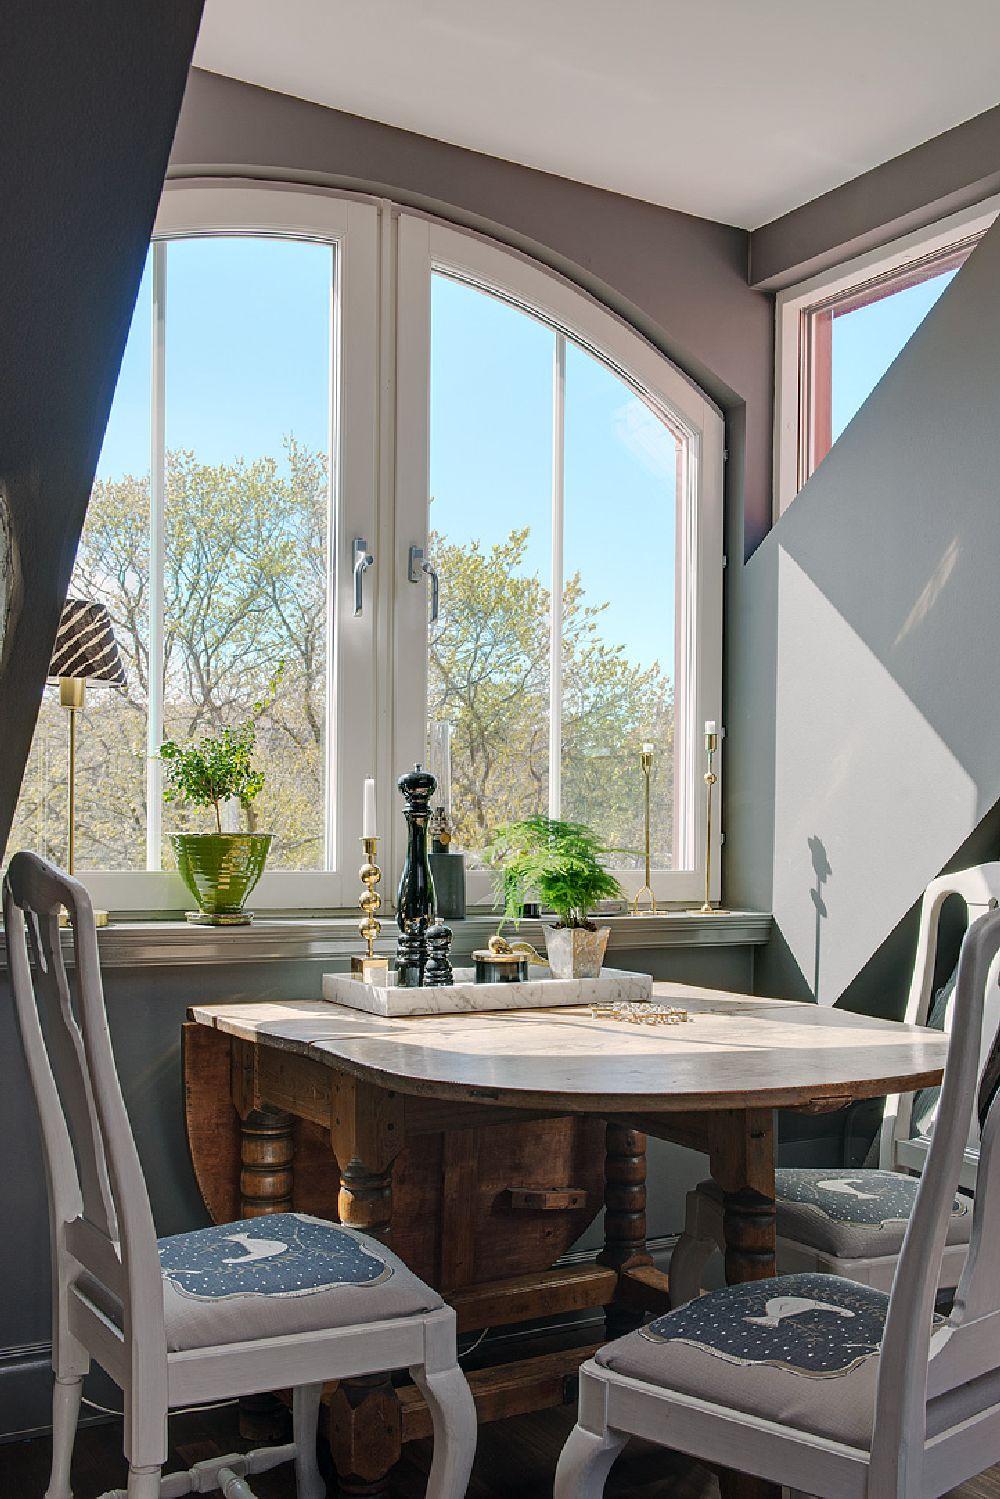 adelaparvu.com despre locuinta la mansarda cu pereti gri inchis, loft 120 mp Suedia, Foto Alvhem makleri (16)